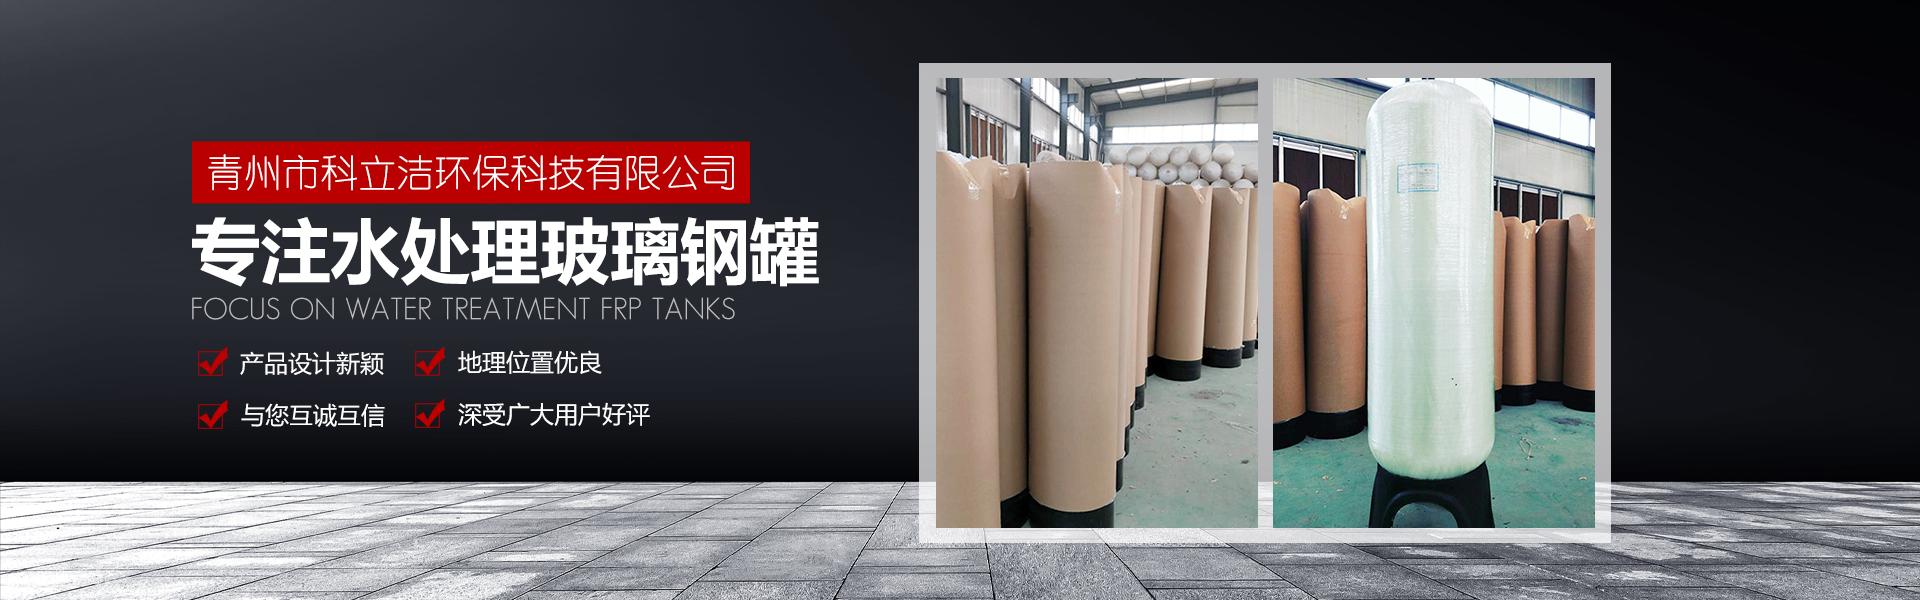 青州市科立洁环保科技有限公司